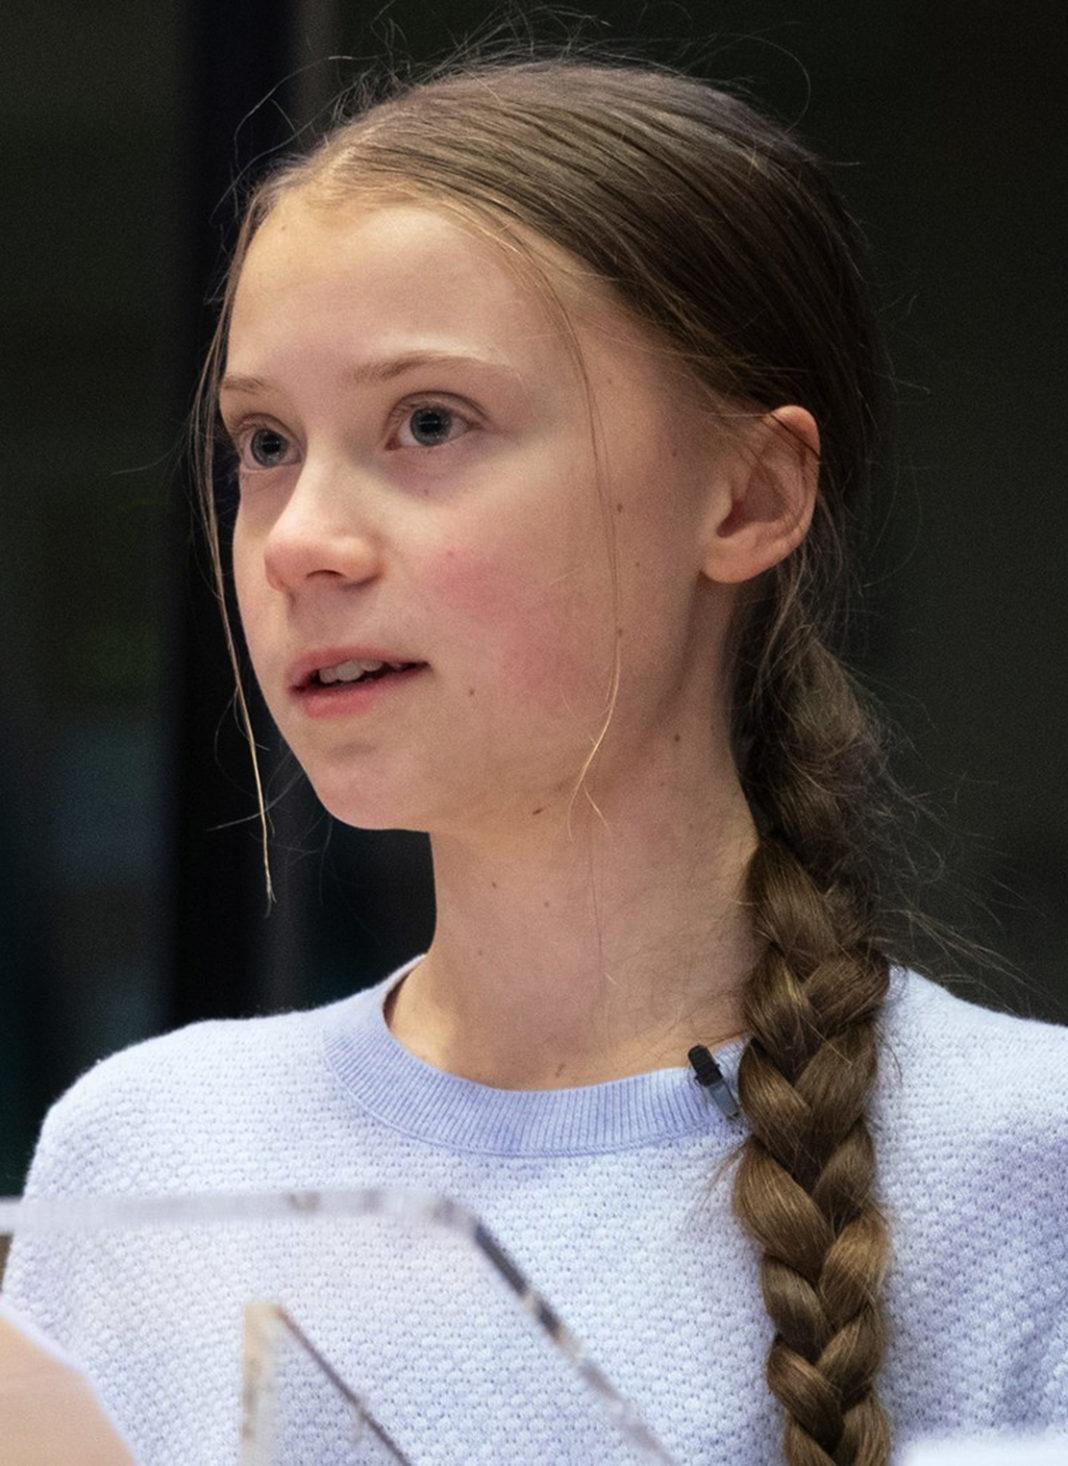 Activista pentru mediu Greta Thunberg revine la şcoală după o pauză de un an